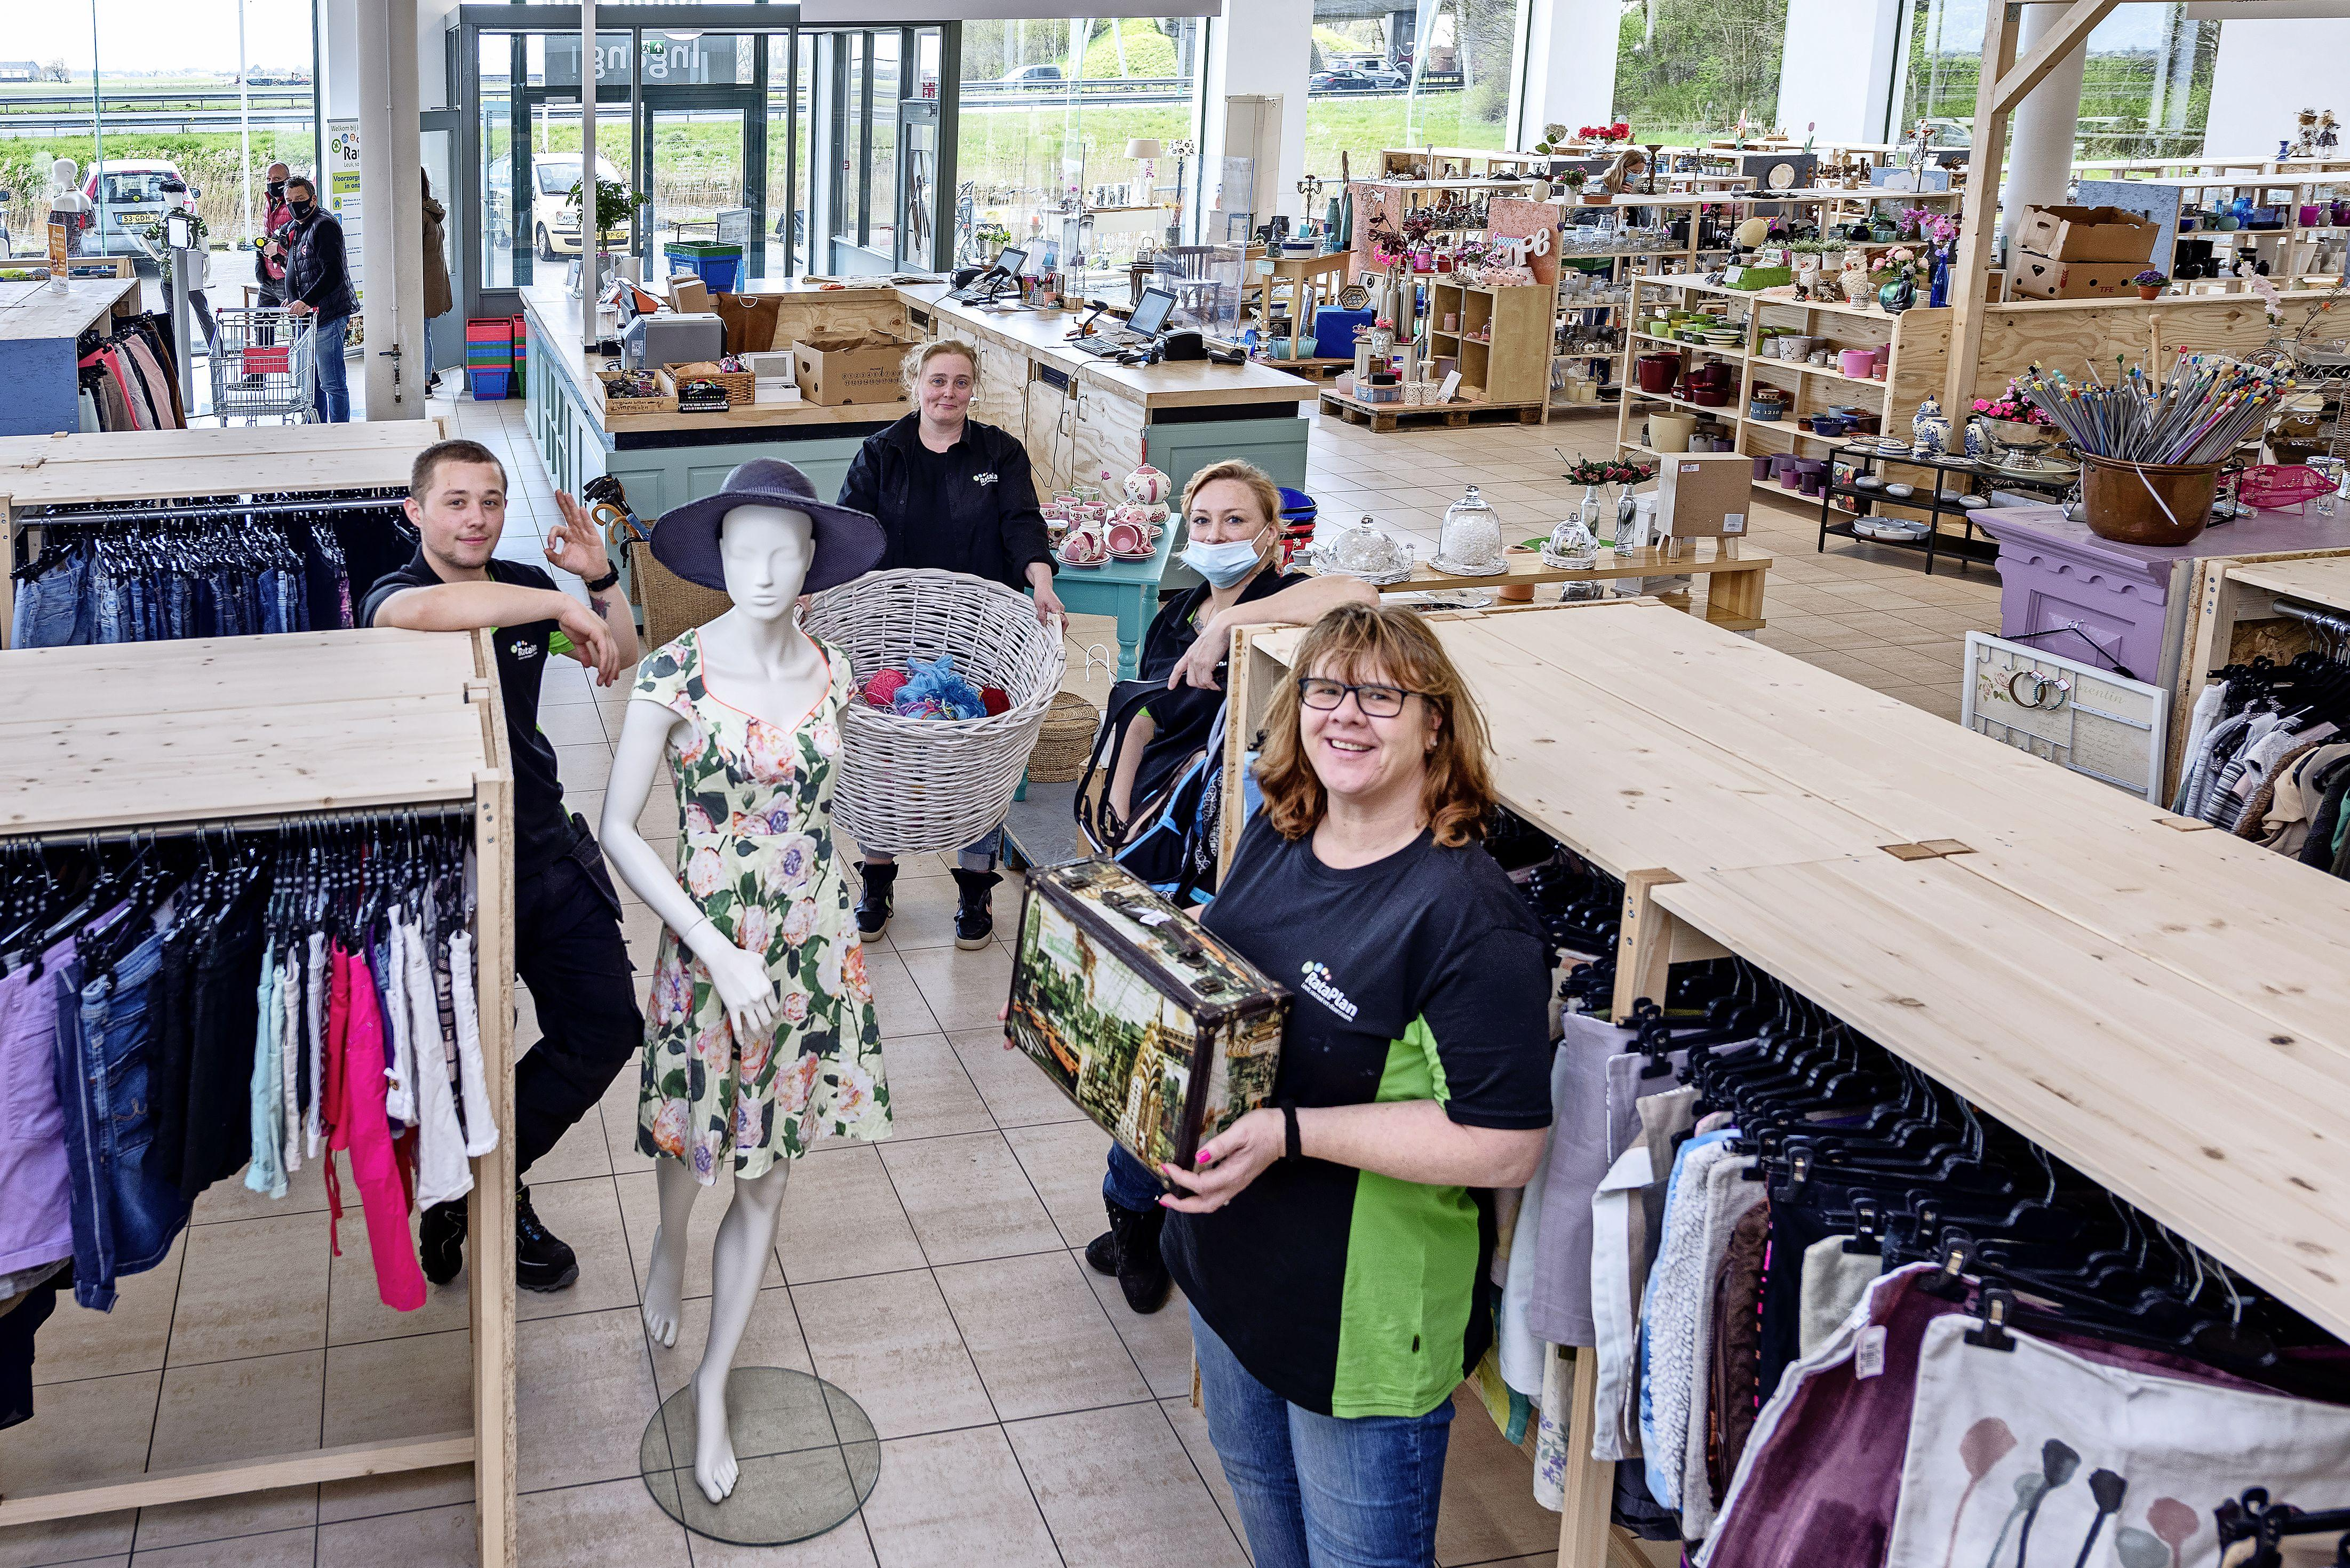 Bezoekers aan de kringloopwinkel zijn een bijzondere categorie. 'Vaak komen ze hier niet doelbewust iets kopen, maar willen ze lekker struinen'